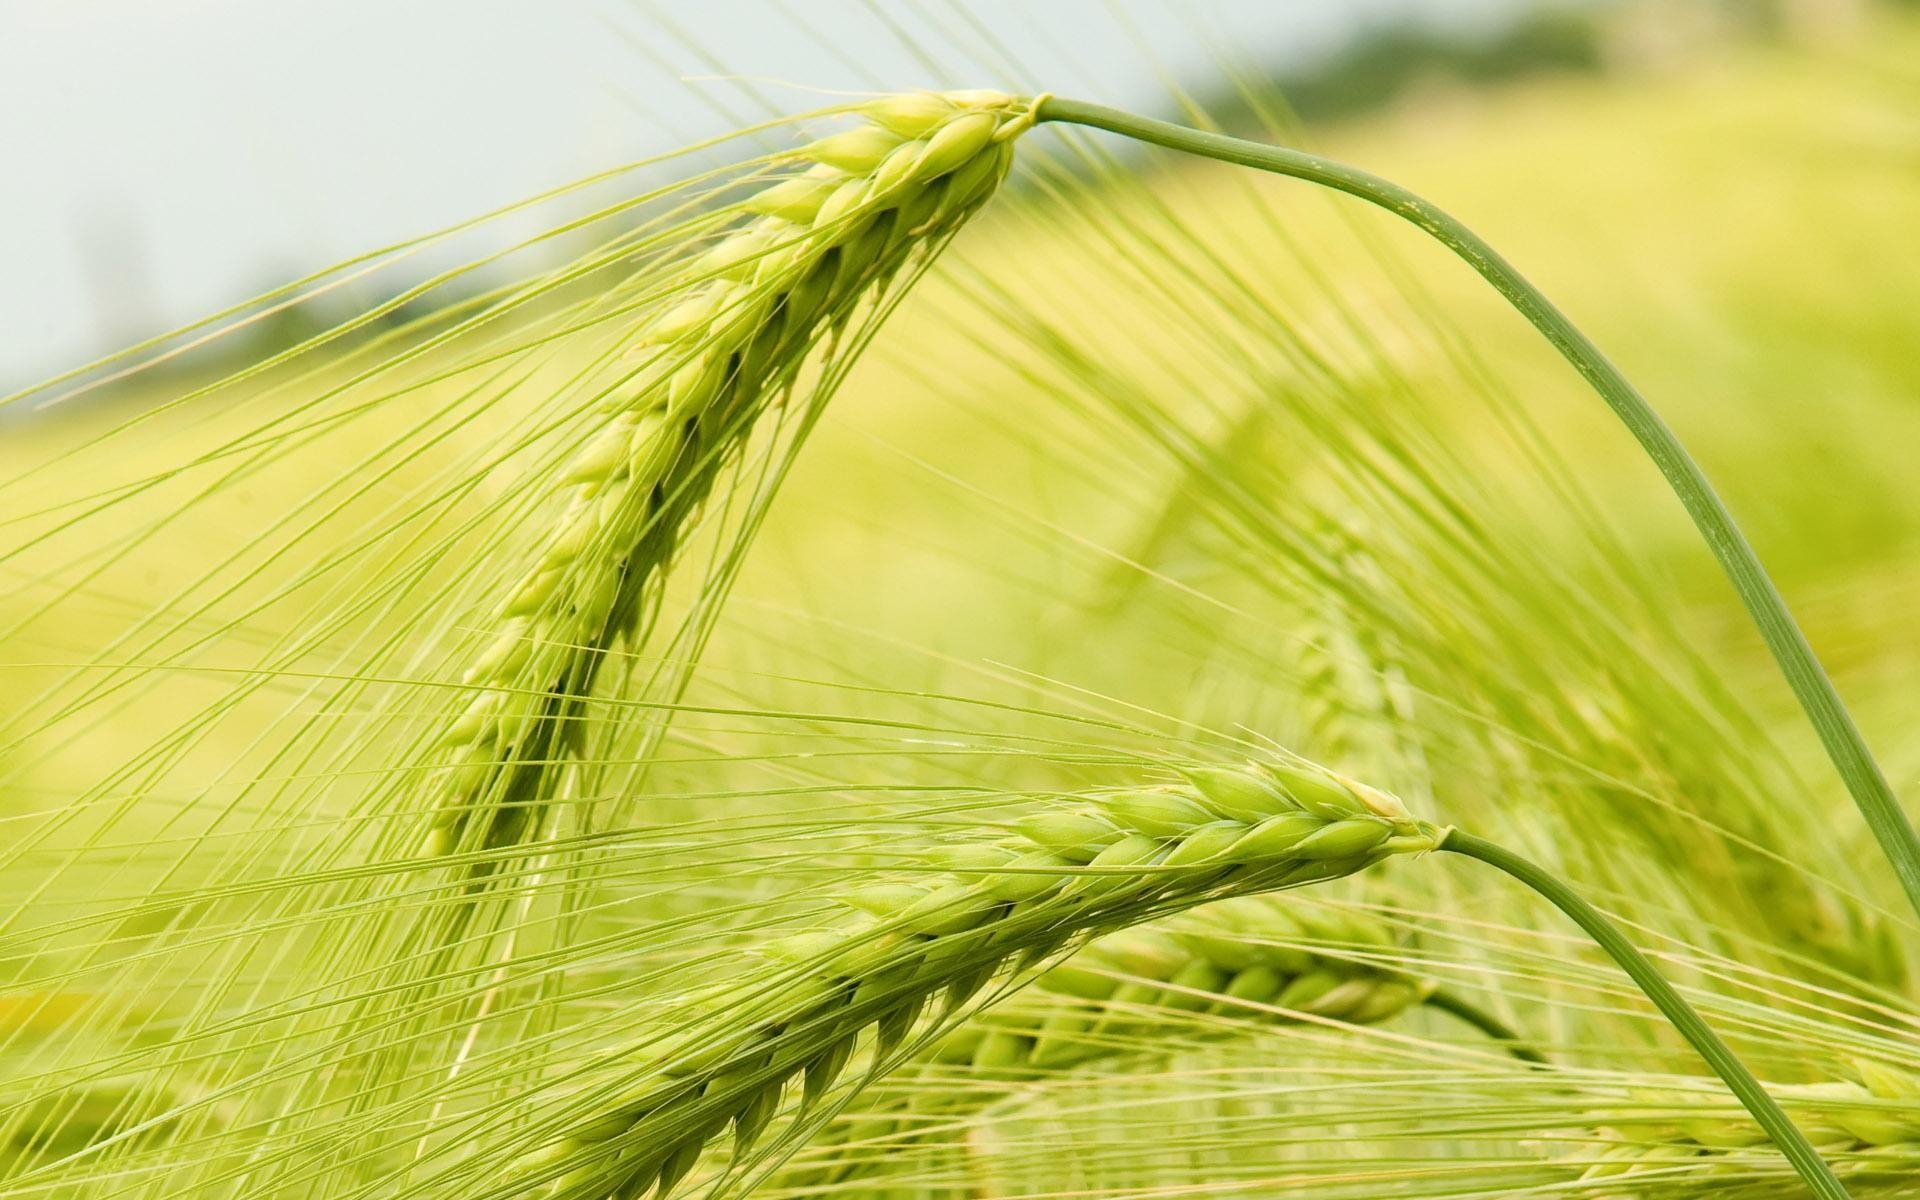 农作物喷施叶面肥的好处,你知道吗?